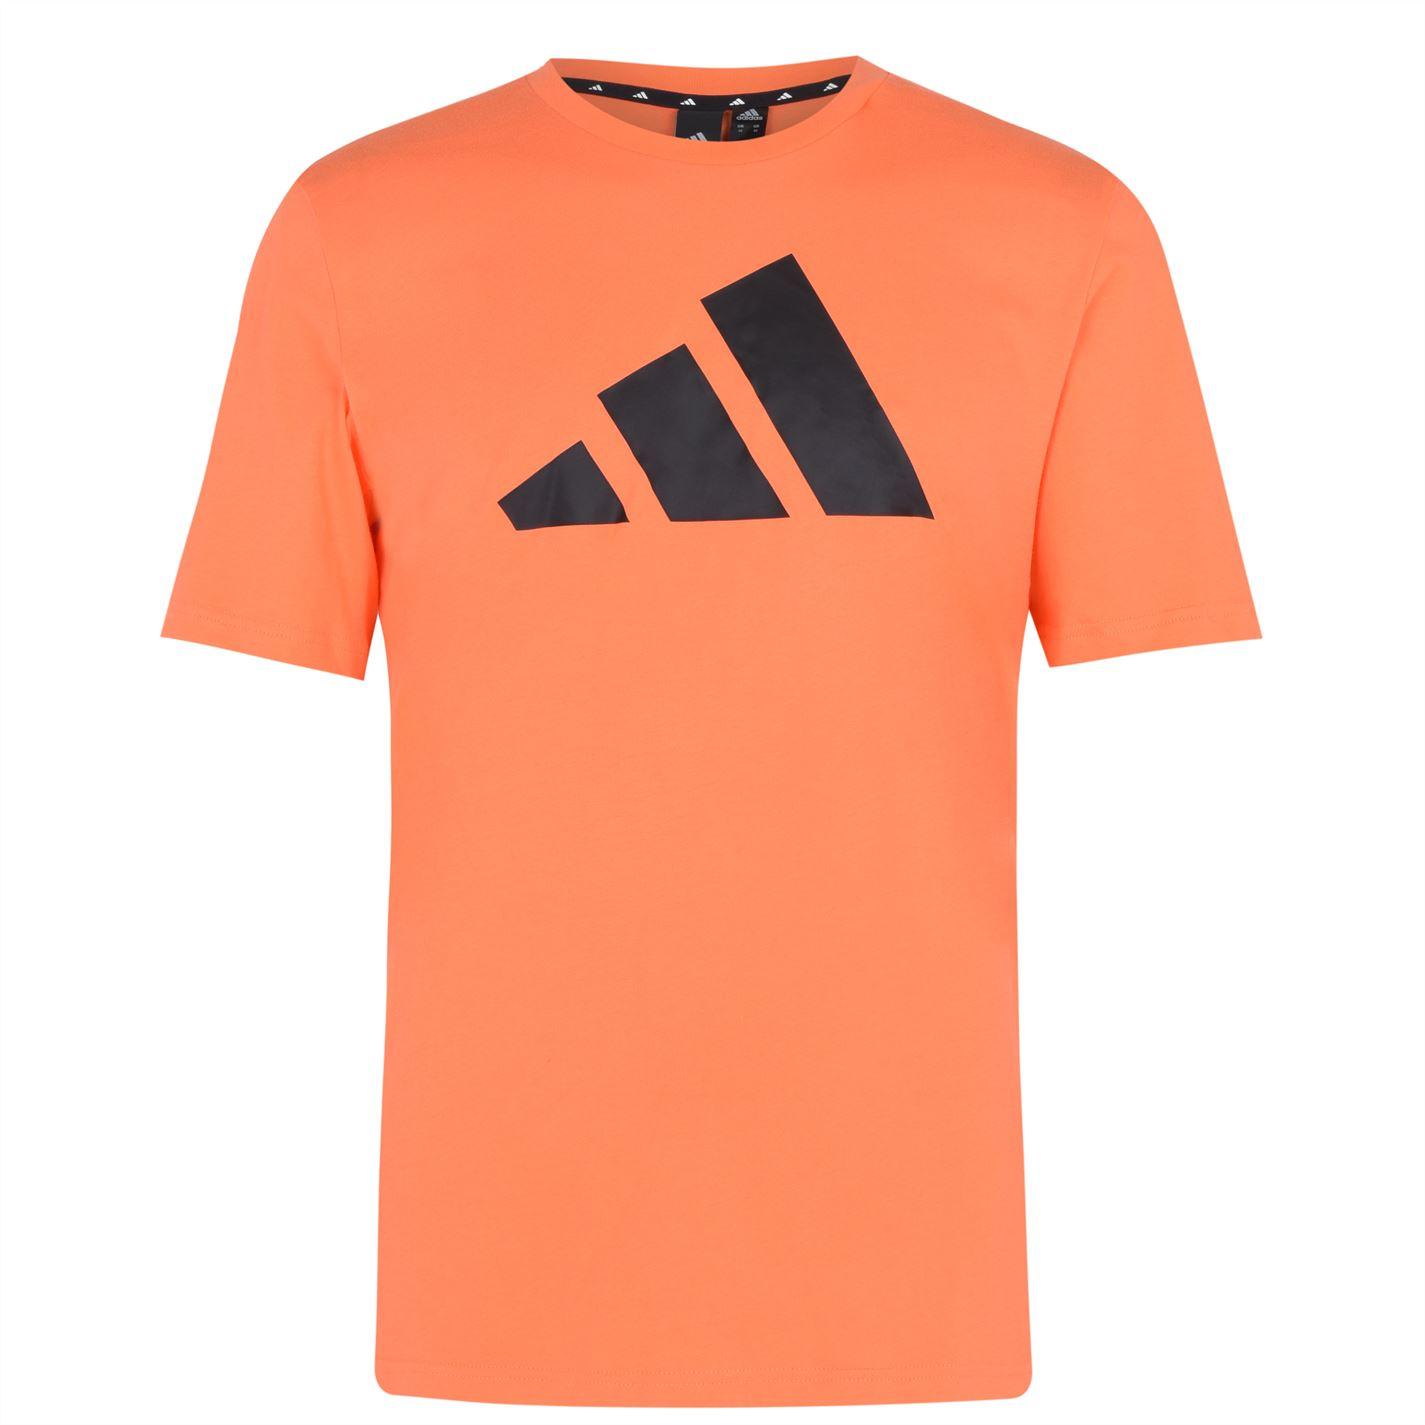 Mergi la Tricou cu imprimeu adidas Sportswear pentru Barbati true portocaliu